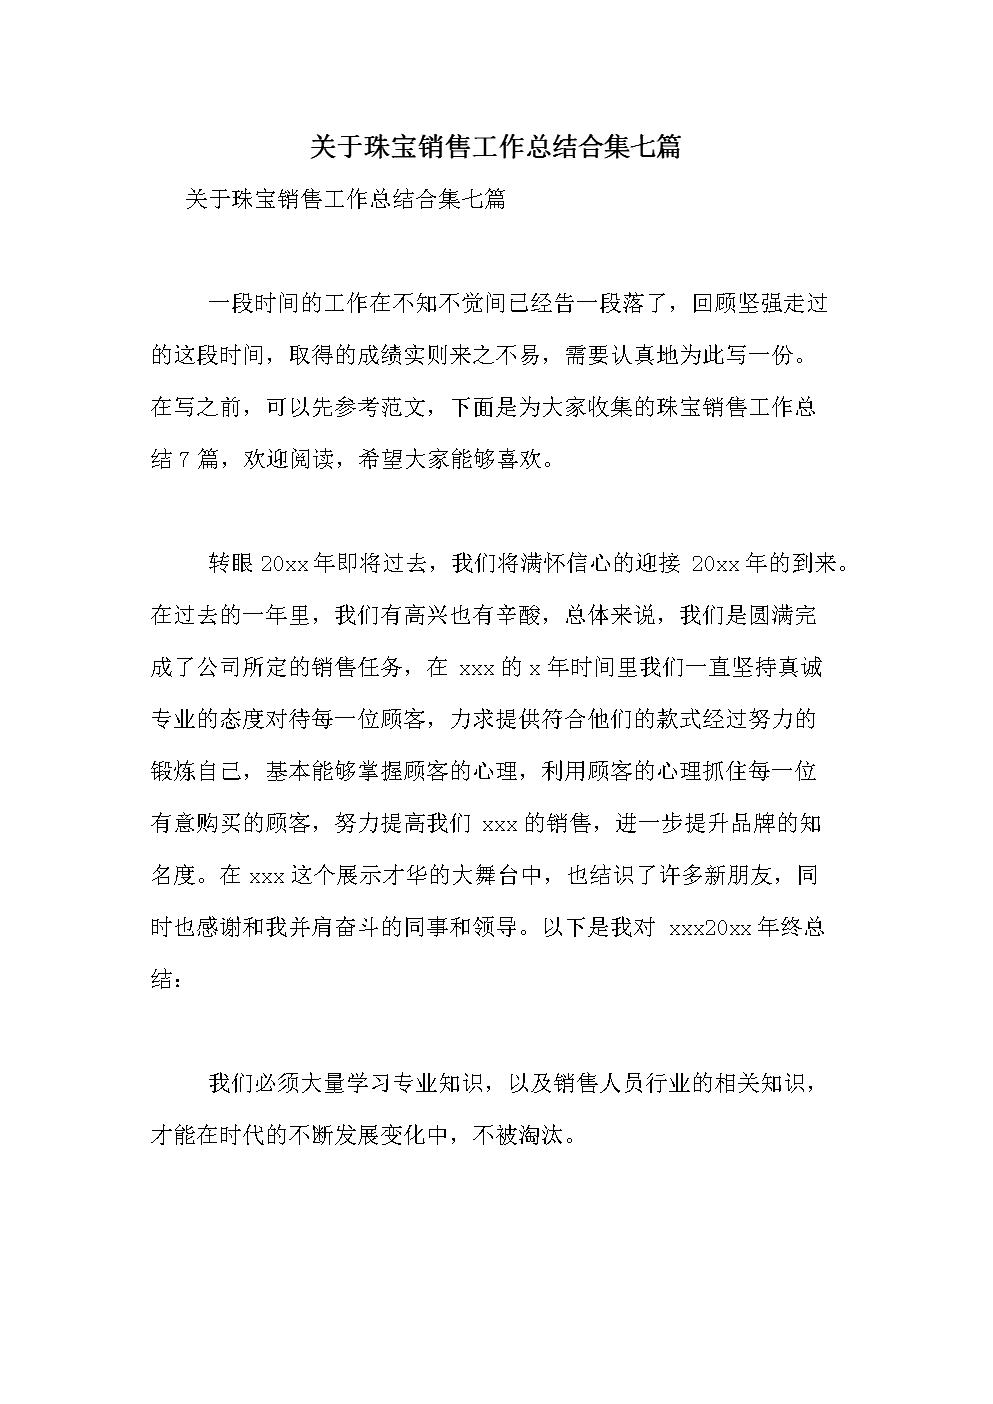 关于珠宝销售工作总结合集七篇.doc